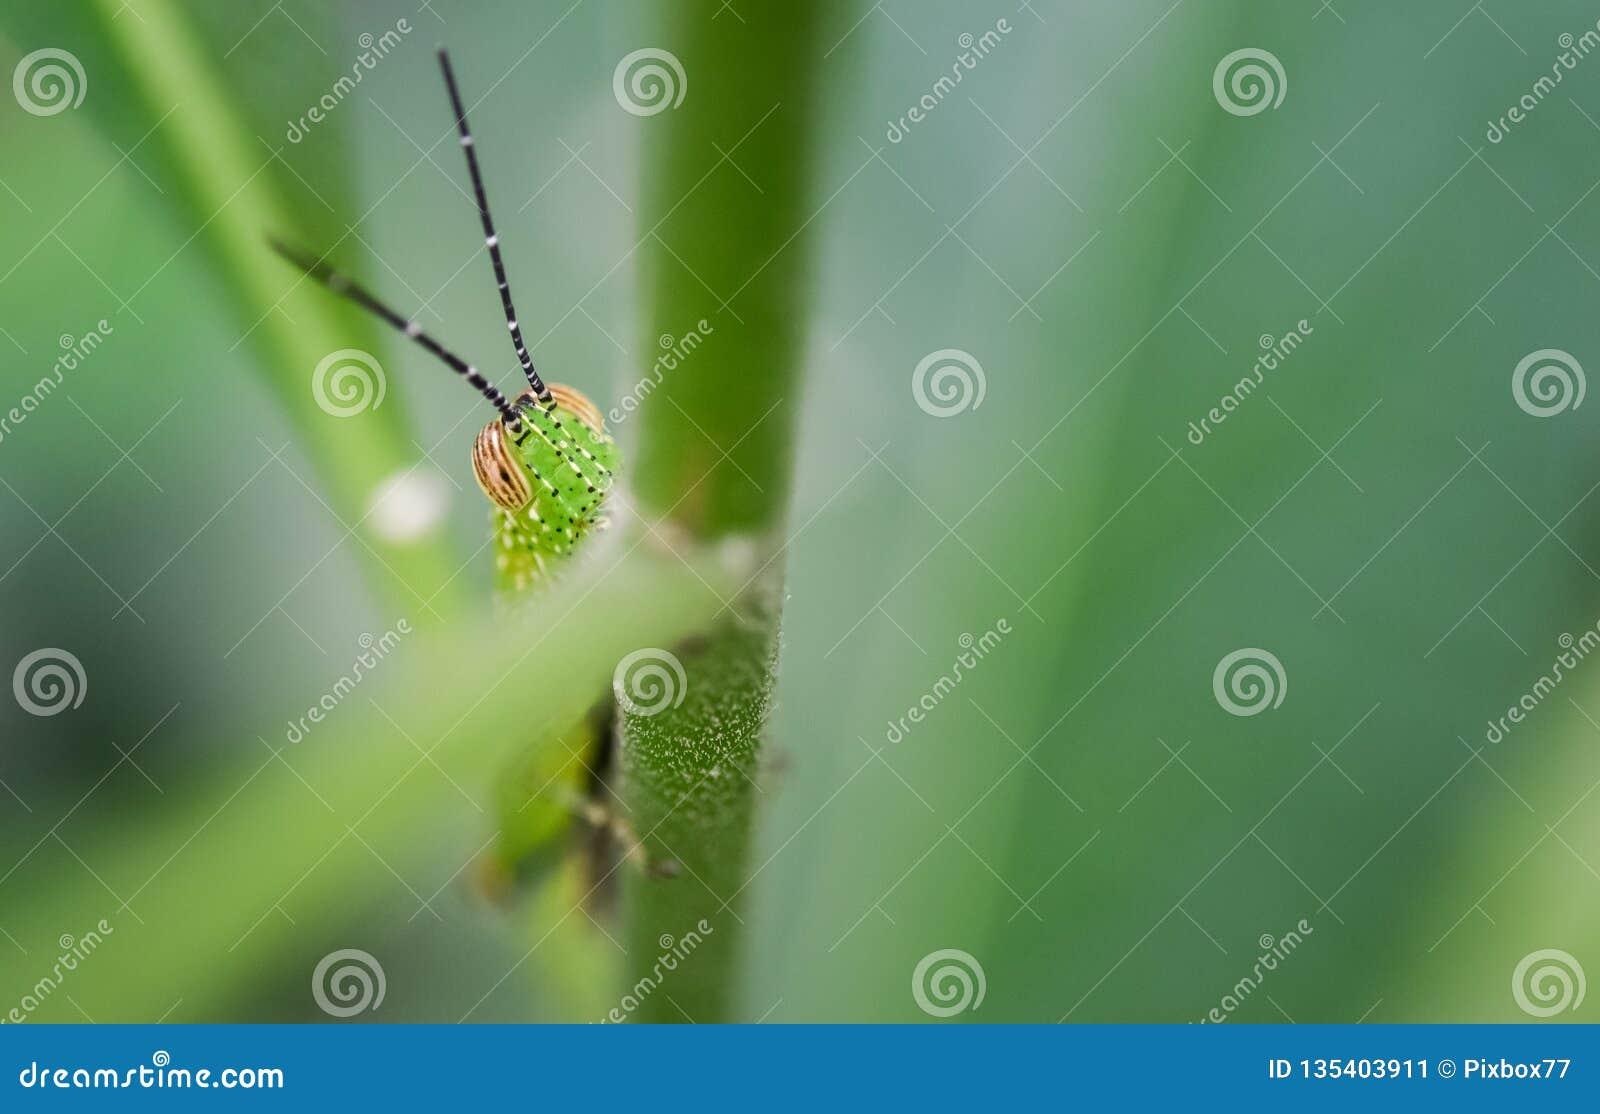 Heuschreckenfell am grünen Blatt